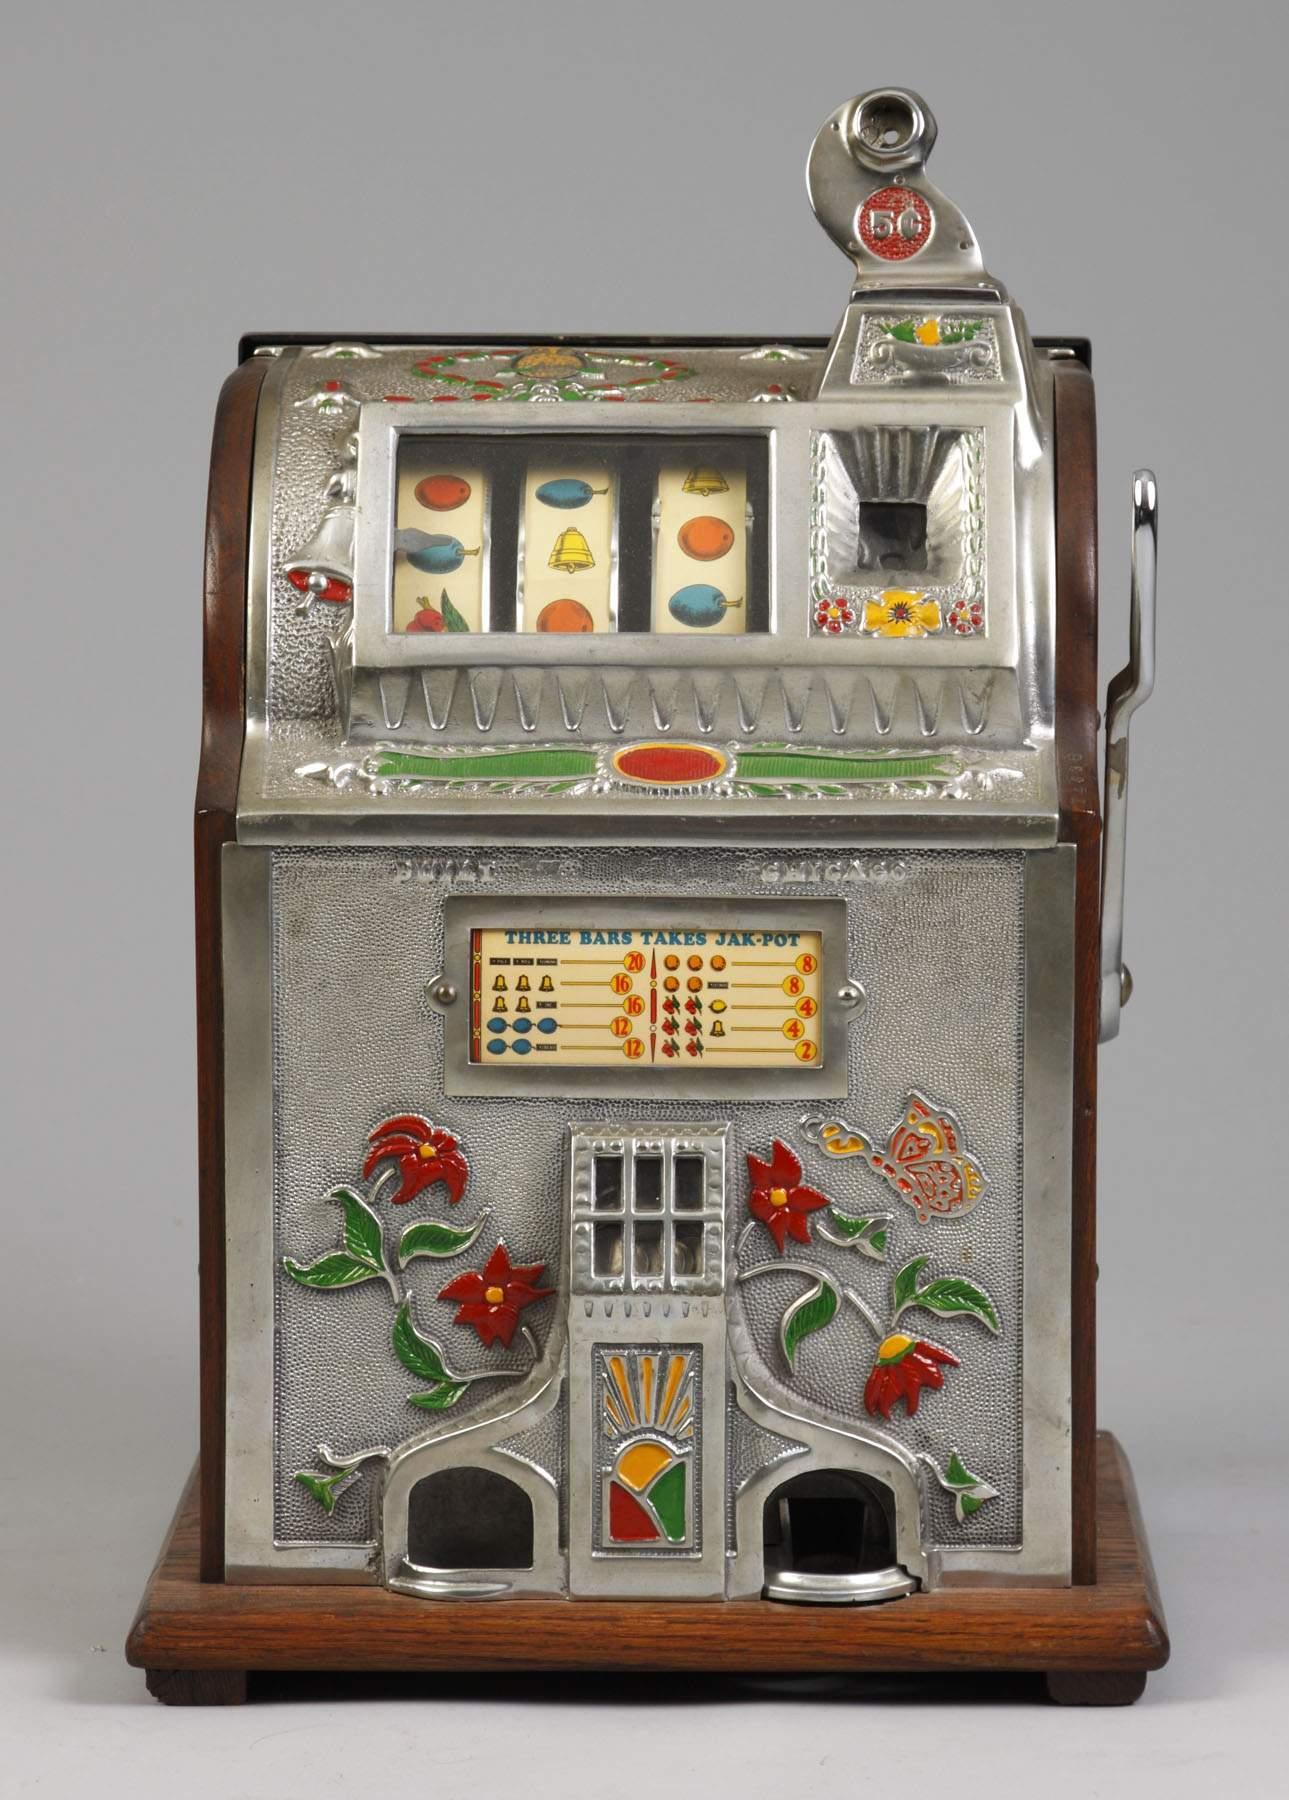 Video poker machines in georgia